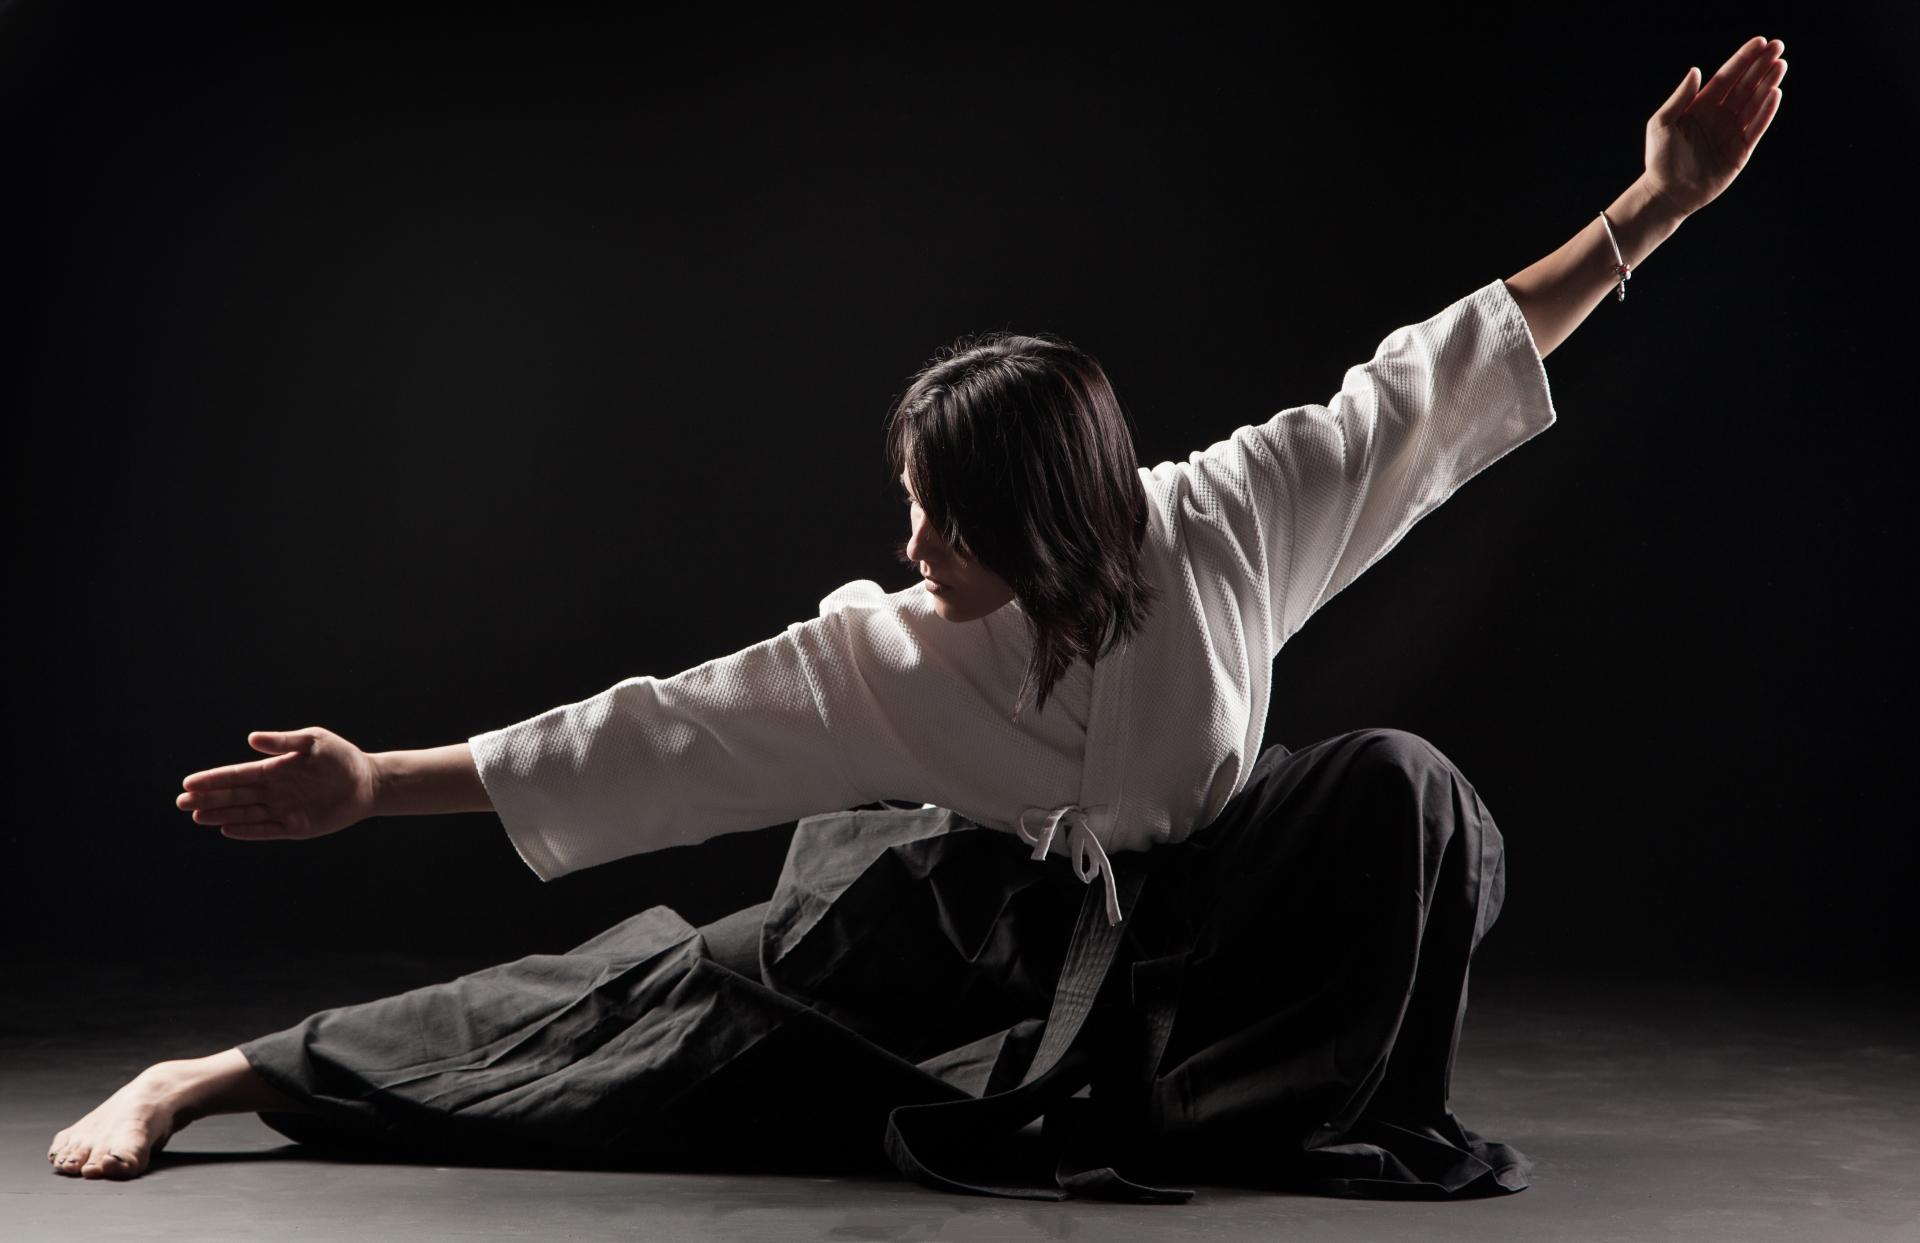 Angajați-vă în arte marțiale cu viziune scăzută - Viziune în artele marțiale